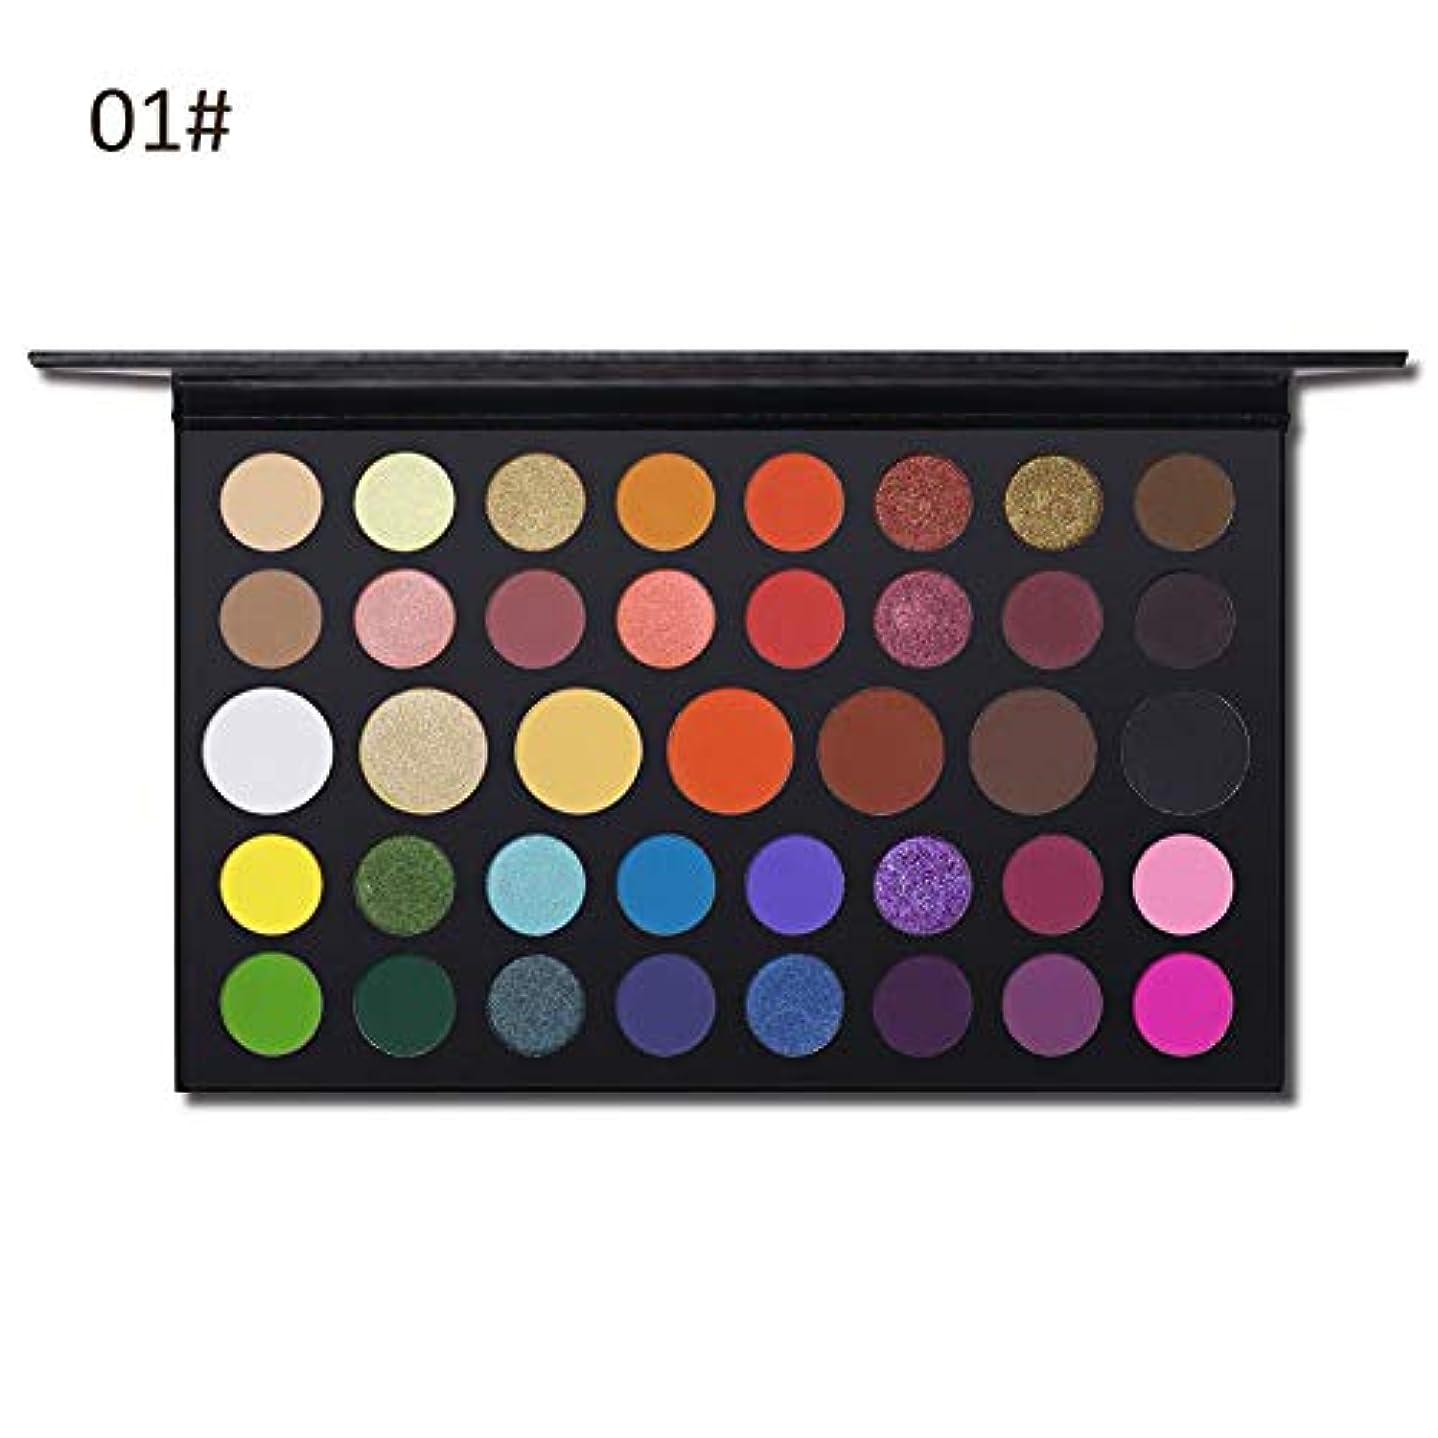 広まった不安定風変わりなBrill(ブリーオ)最高のプロアイシャドウマットパレットメイクアイシャドウプロフェッショナル完璧なヌードウォームナチュラルニュートラルスモーキーパレットアイメイクアップシルキーパウダー化粧品39色